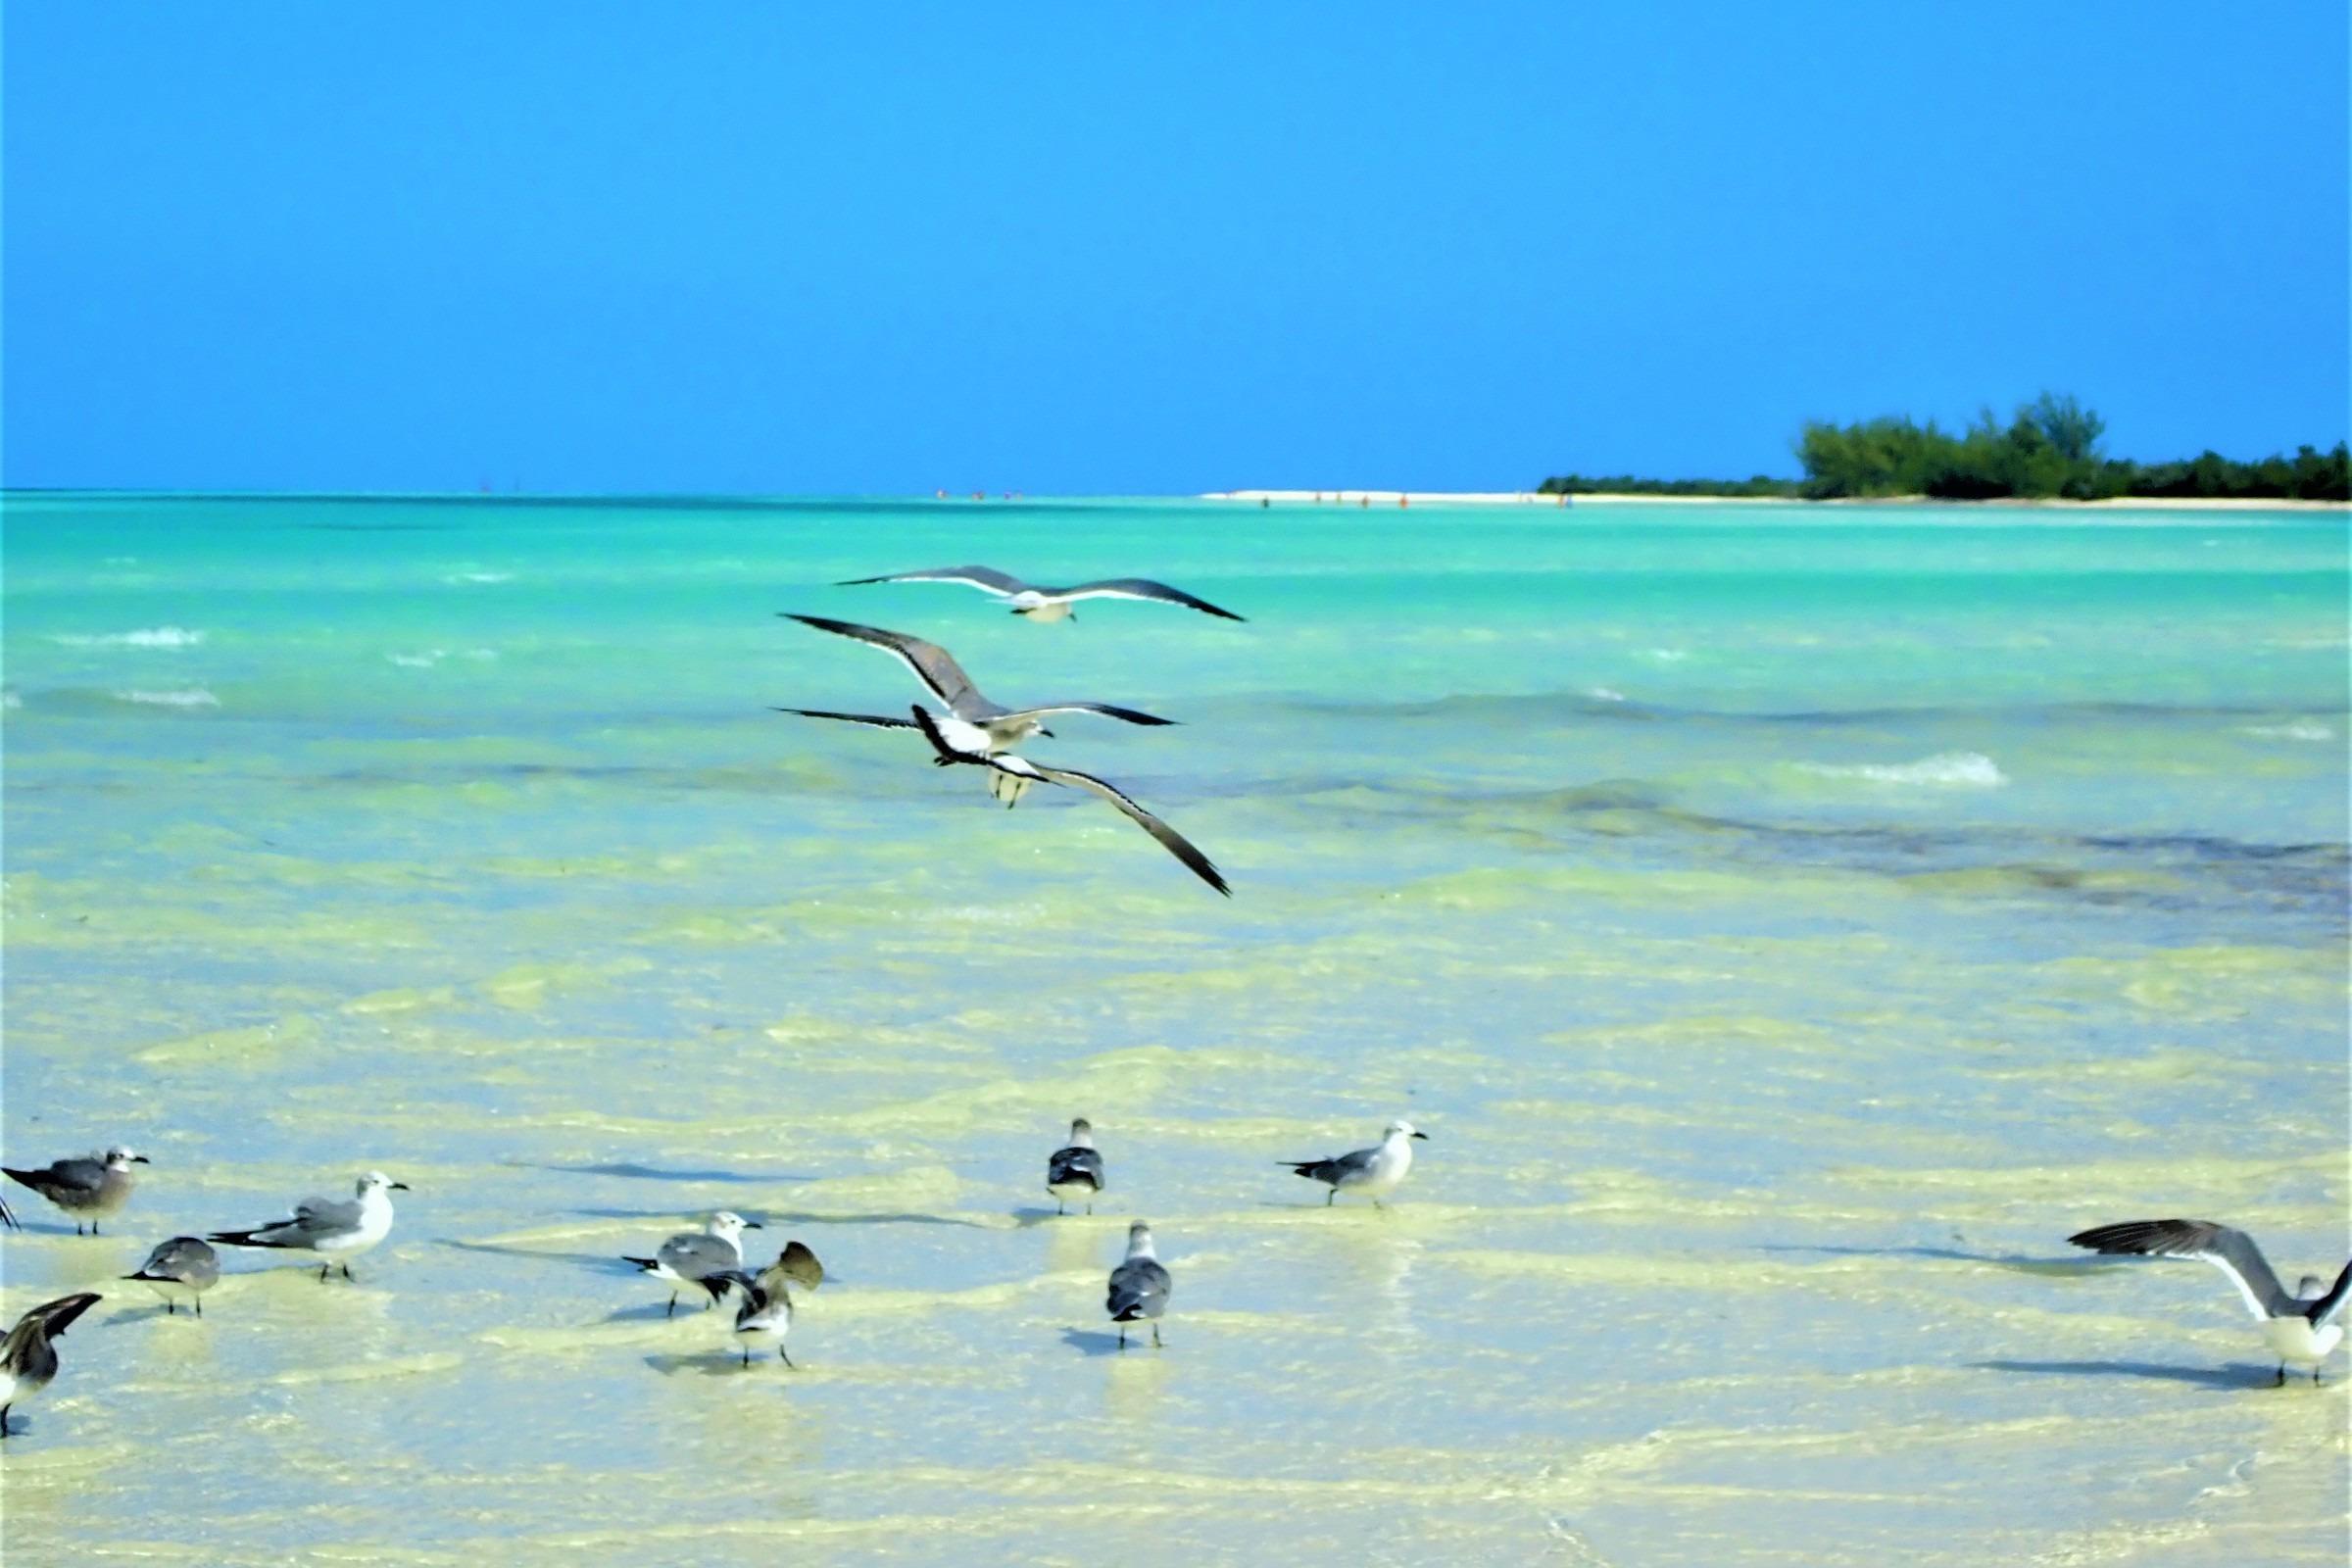 Cuba - A photo by Anastasia Amor